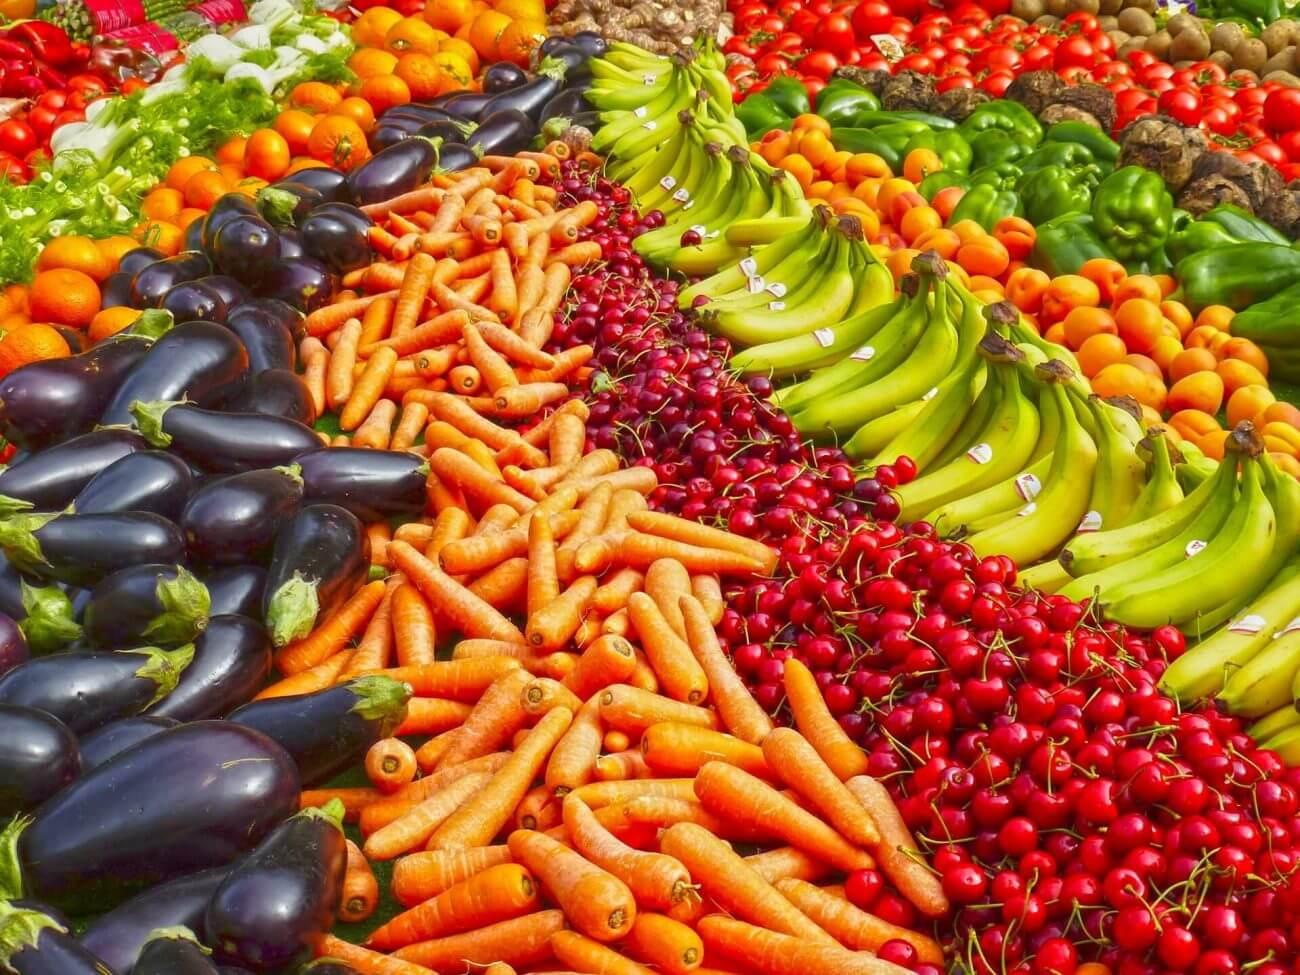 Superfoods, Obst, Früchte ,Vegan, Vegetarier, Essen, Ernährung, Gesund